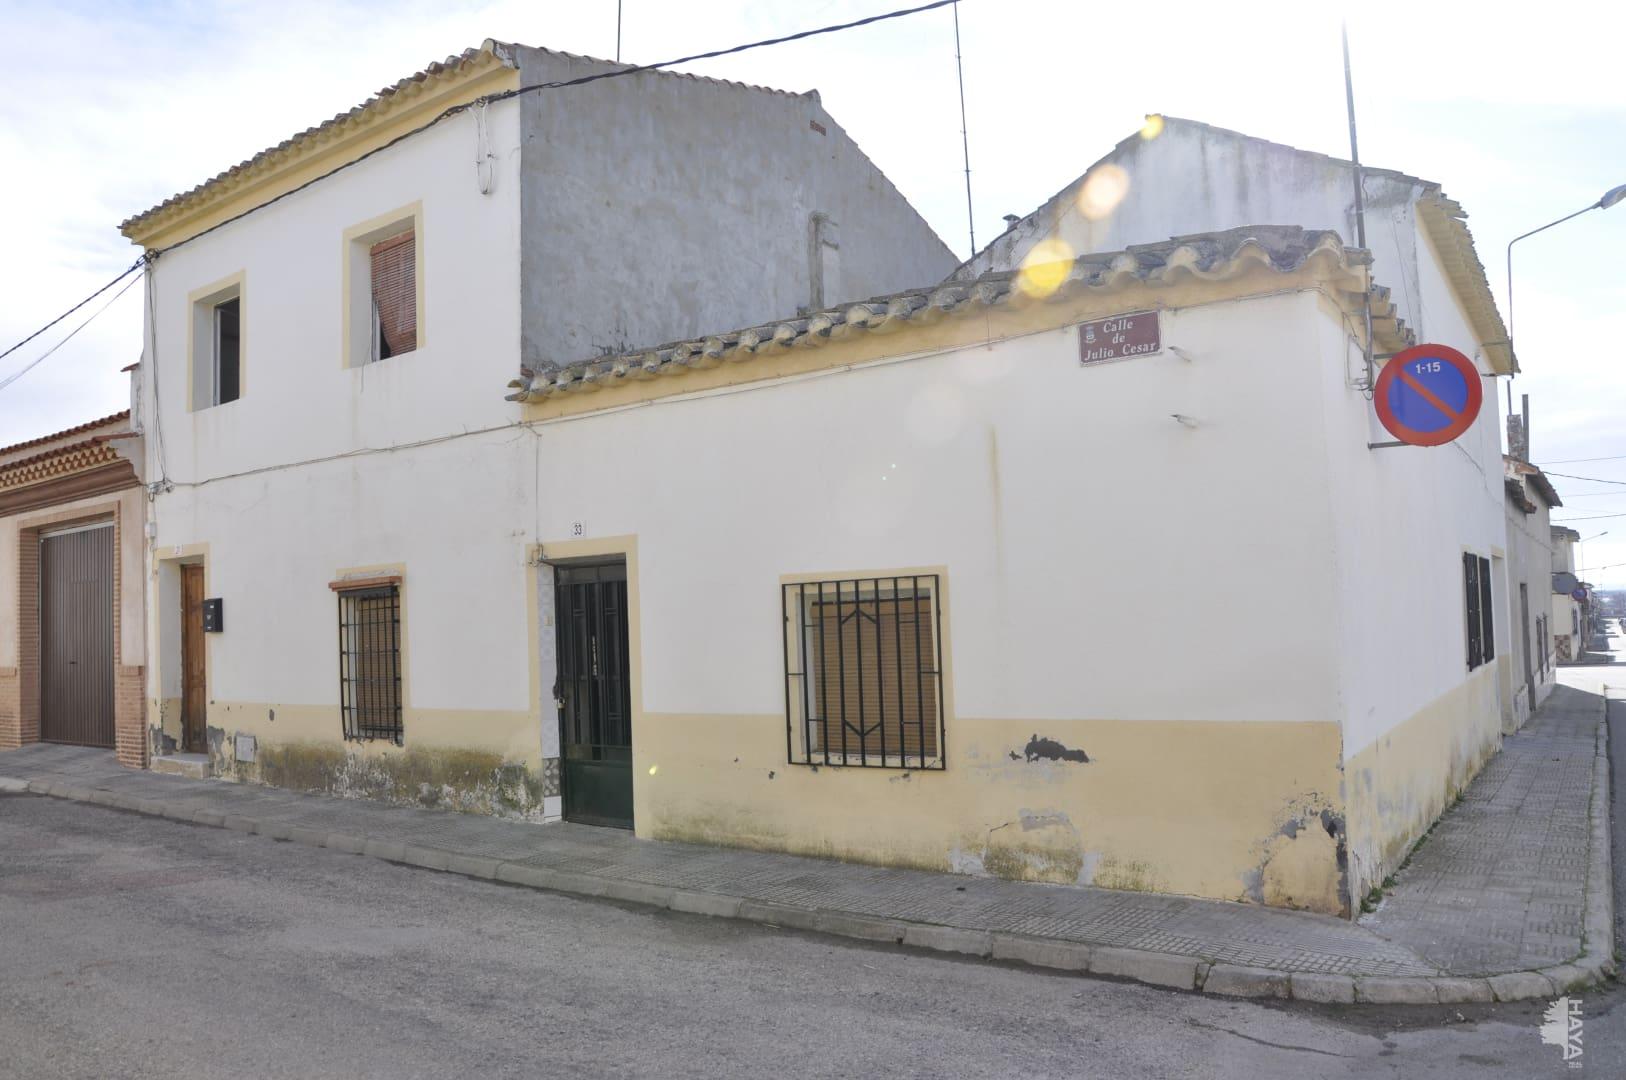 Casa en venta en Villarrobledo, Villarrobledo, Albacete, Calle Julio Cesar, 48.177 €, 9 habitaciones, 2 baños, 271 m2